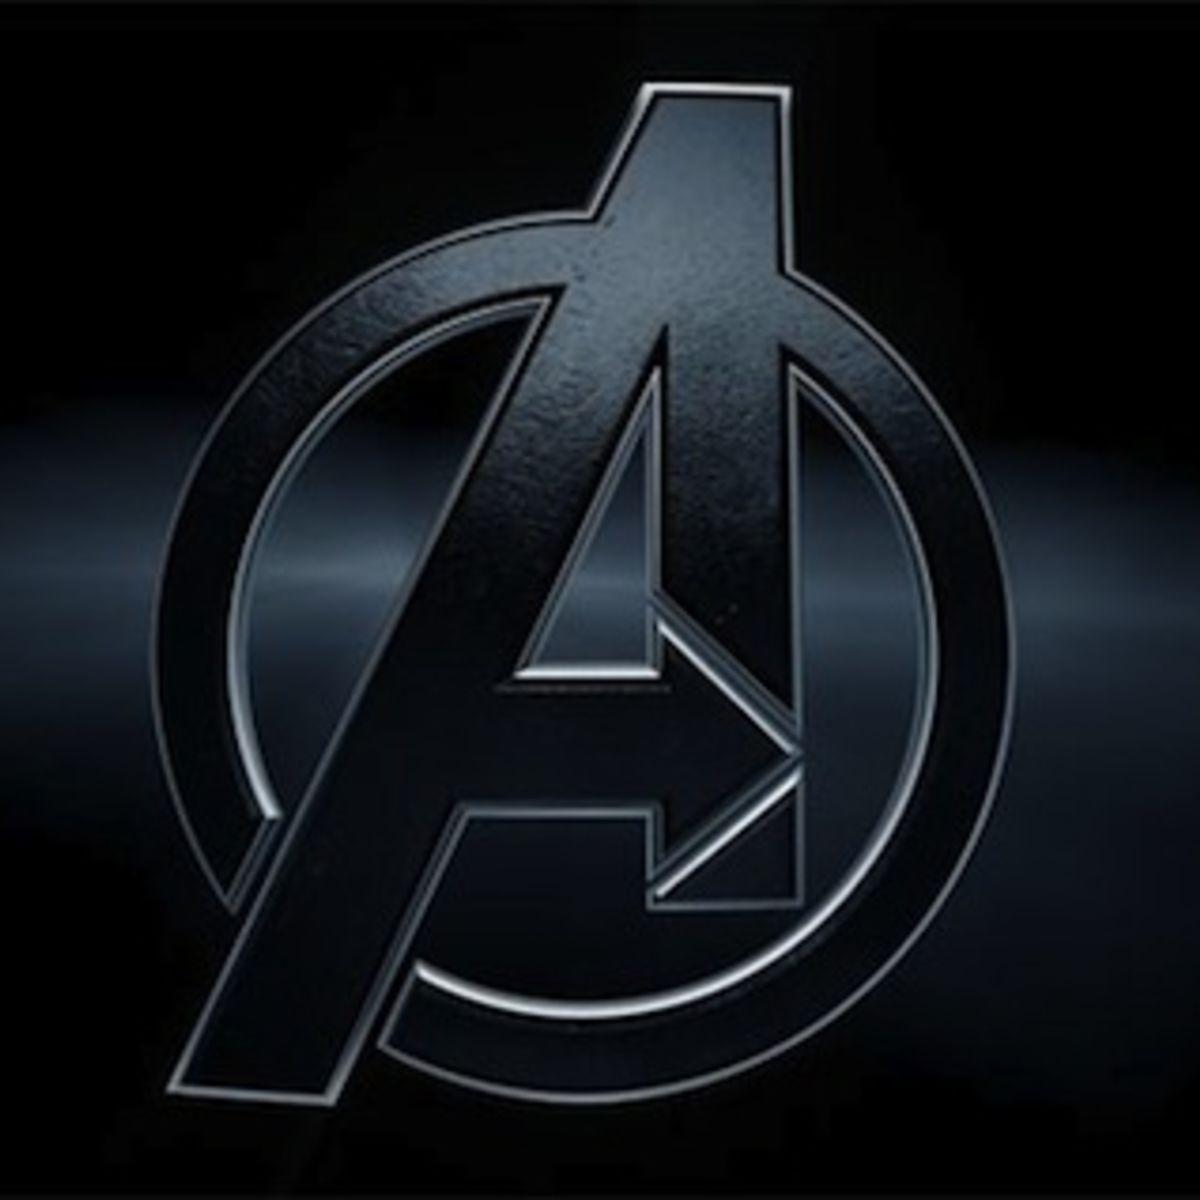 the-avengers-movie-logo.jpg